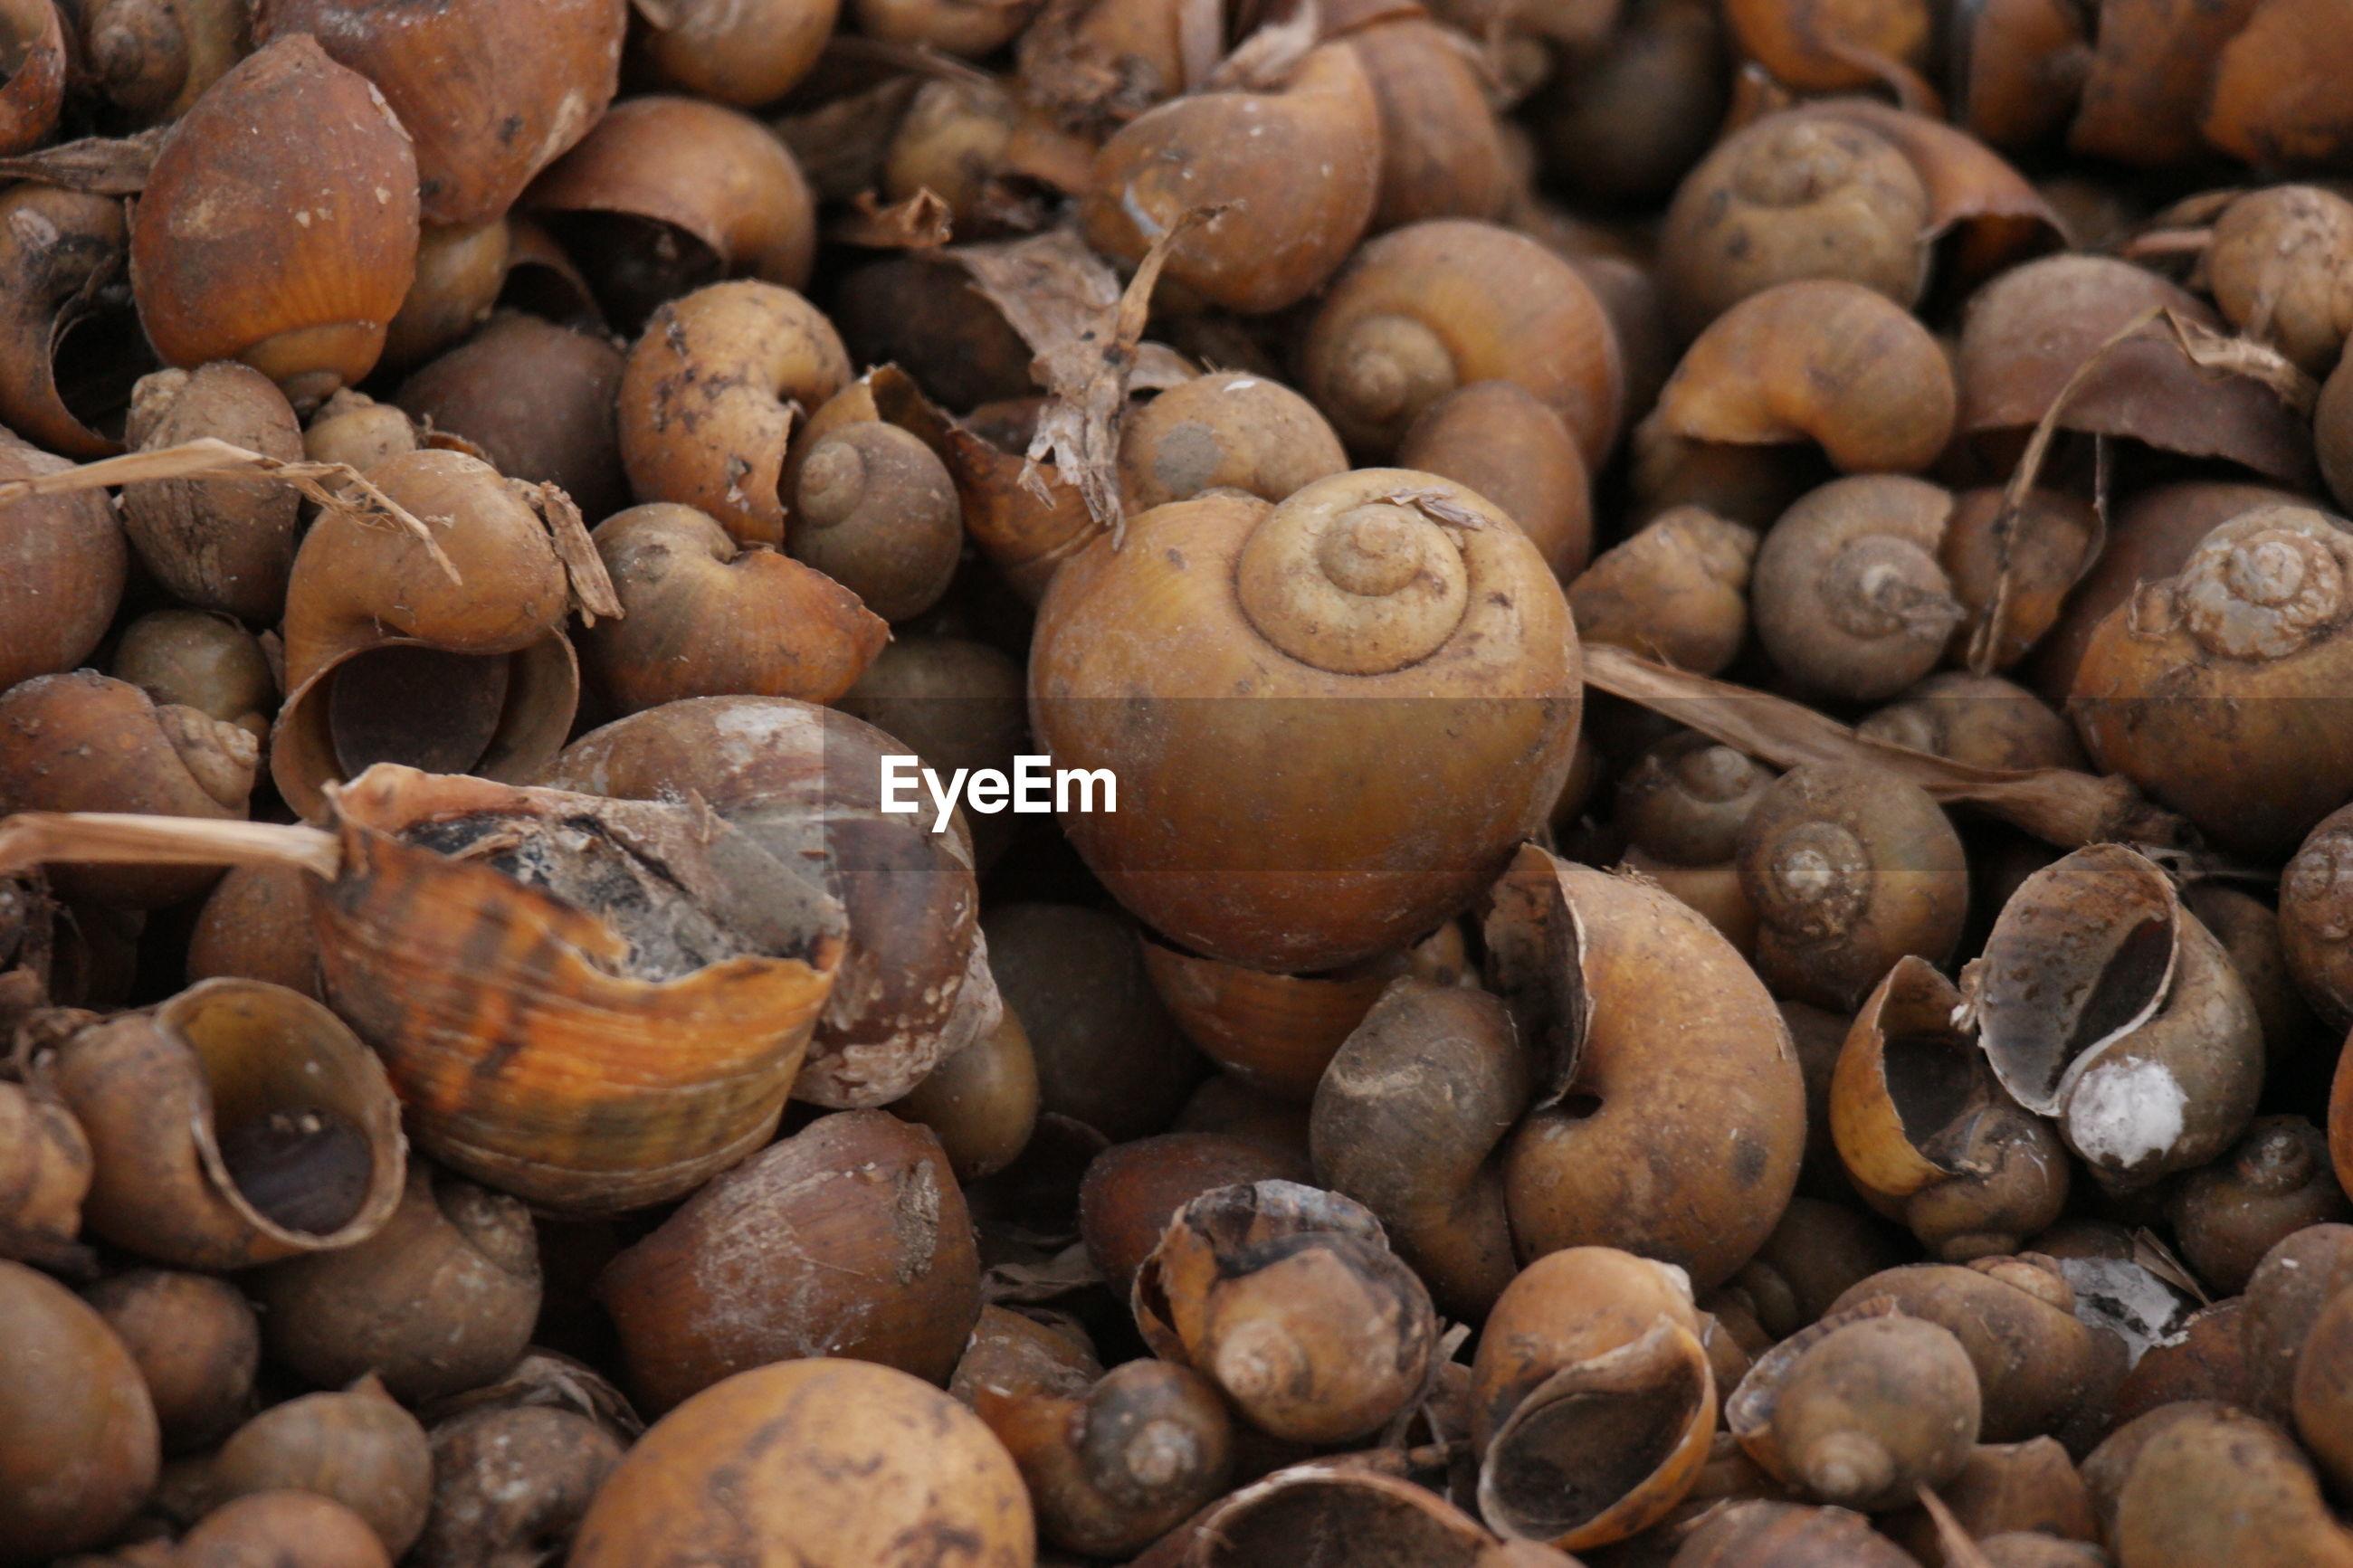 Full frame shot of snail shells